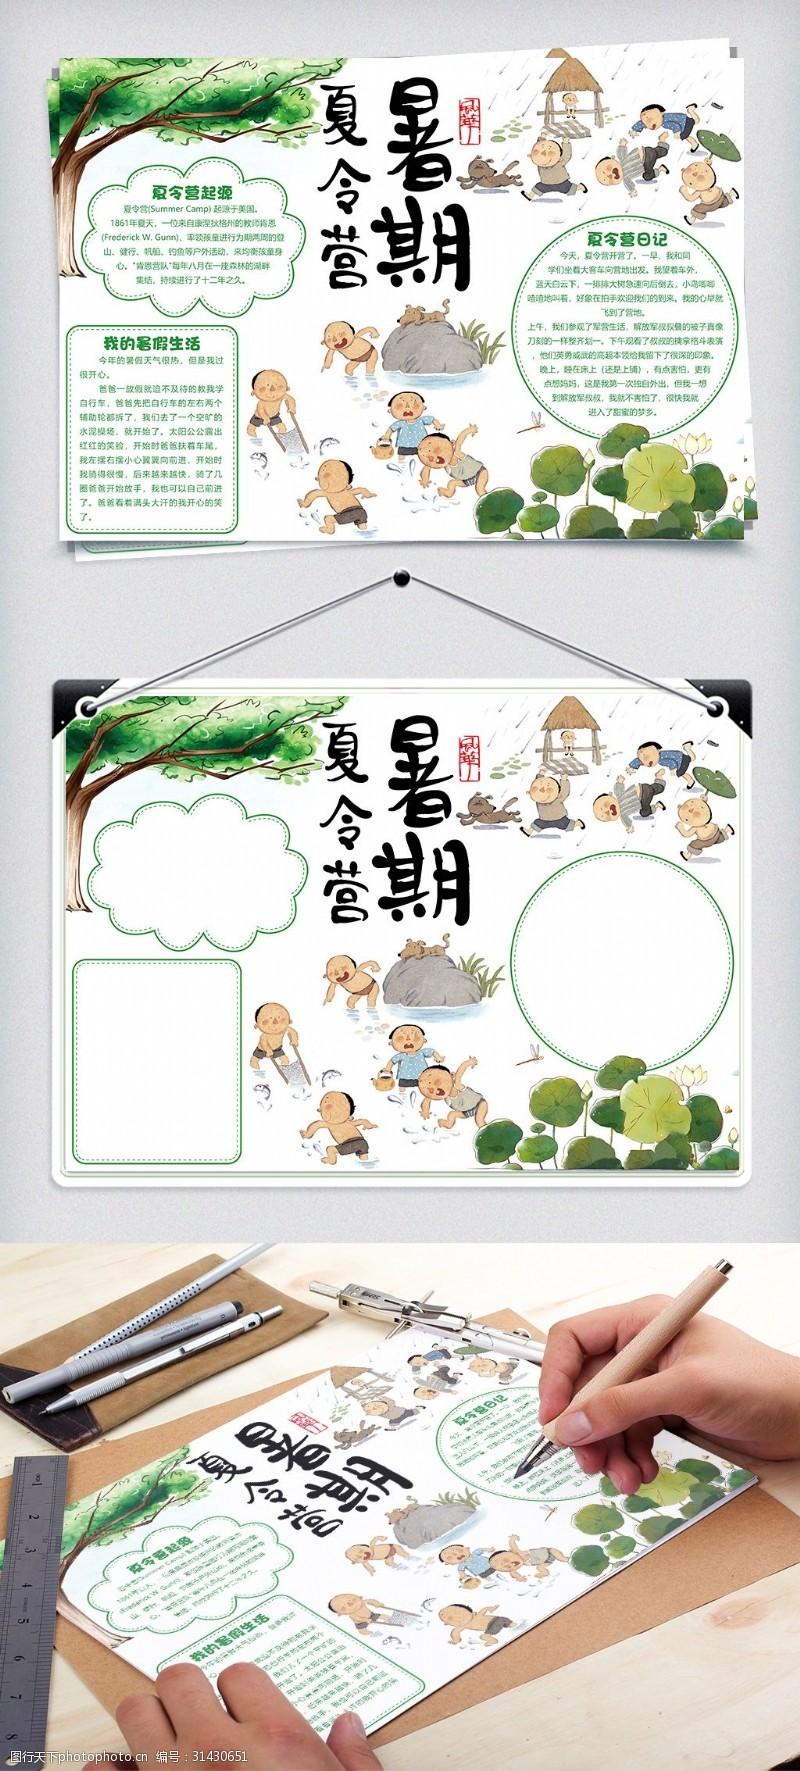 夏令營手抄報夏季中國風暑期夏令營小報